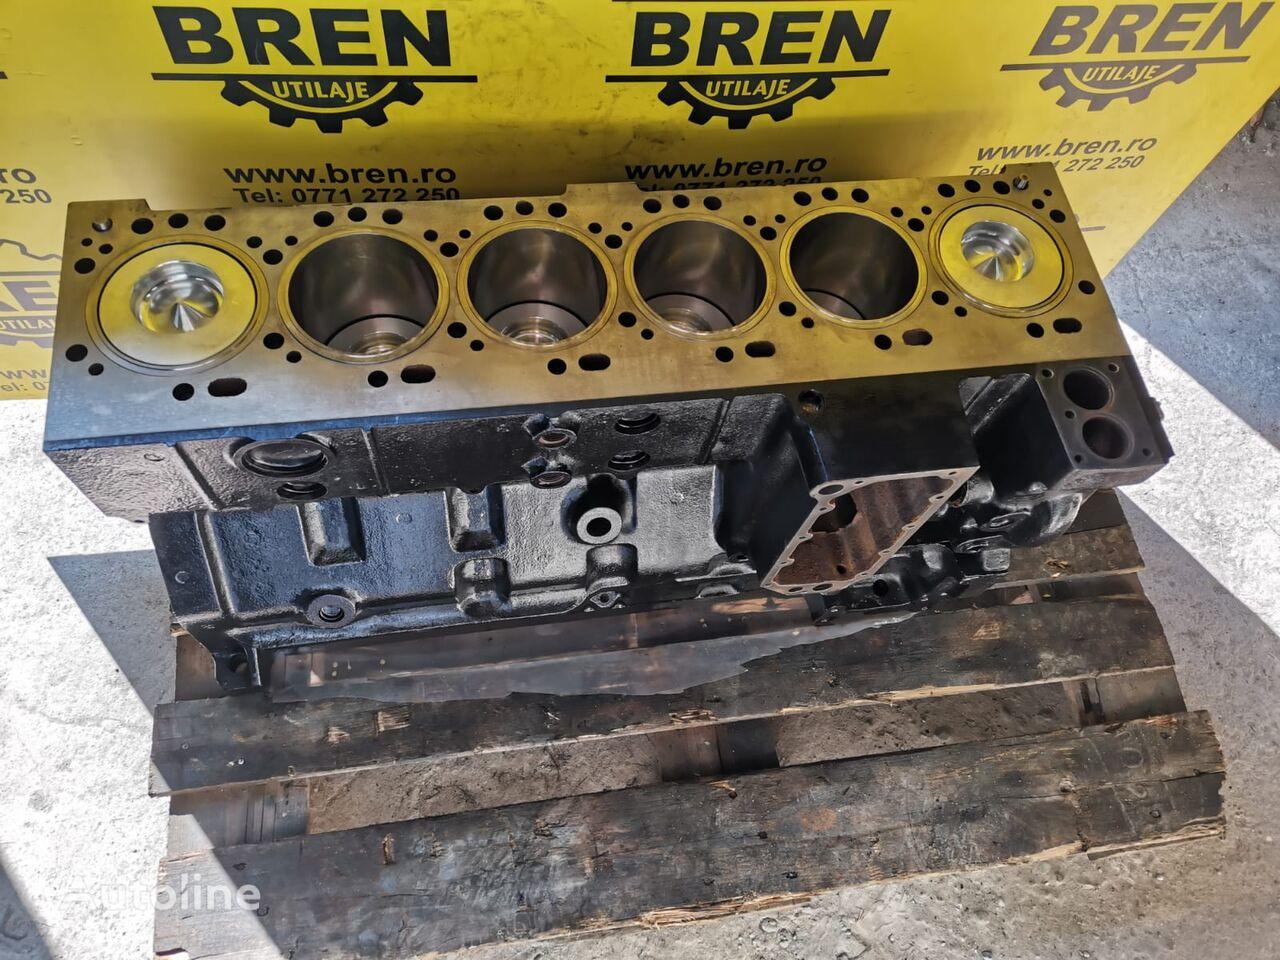 CUMMINS 6C8.3 bloque de motor para CUMMINS 6C8.3 excavadora nuevo